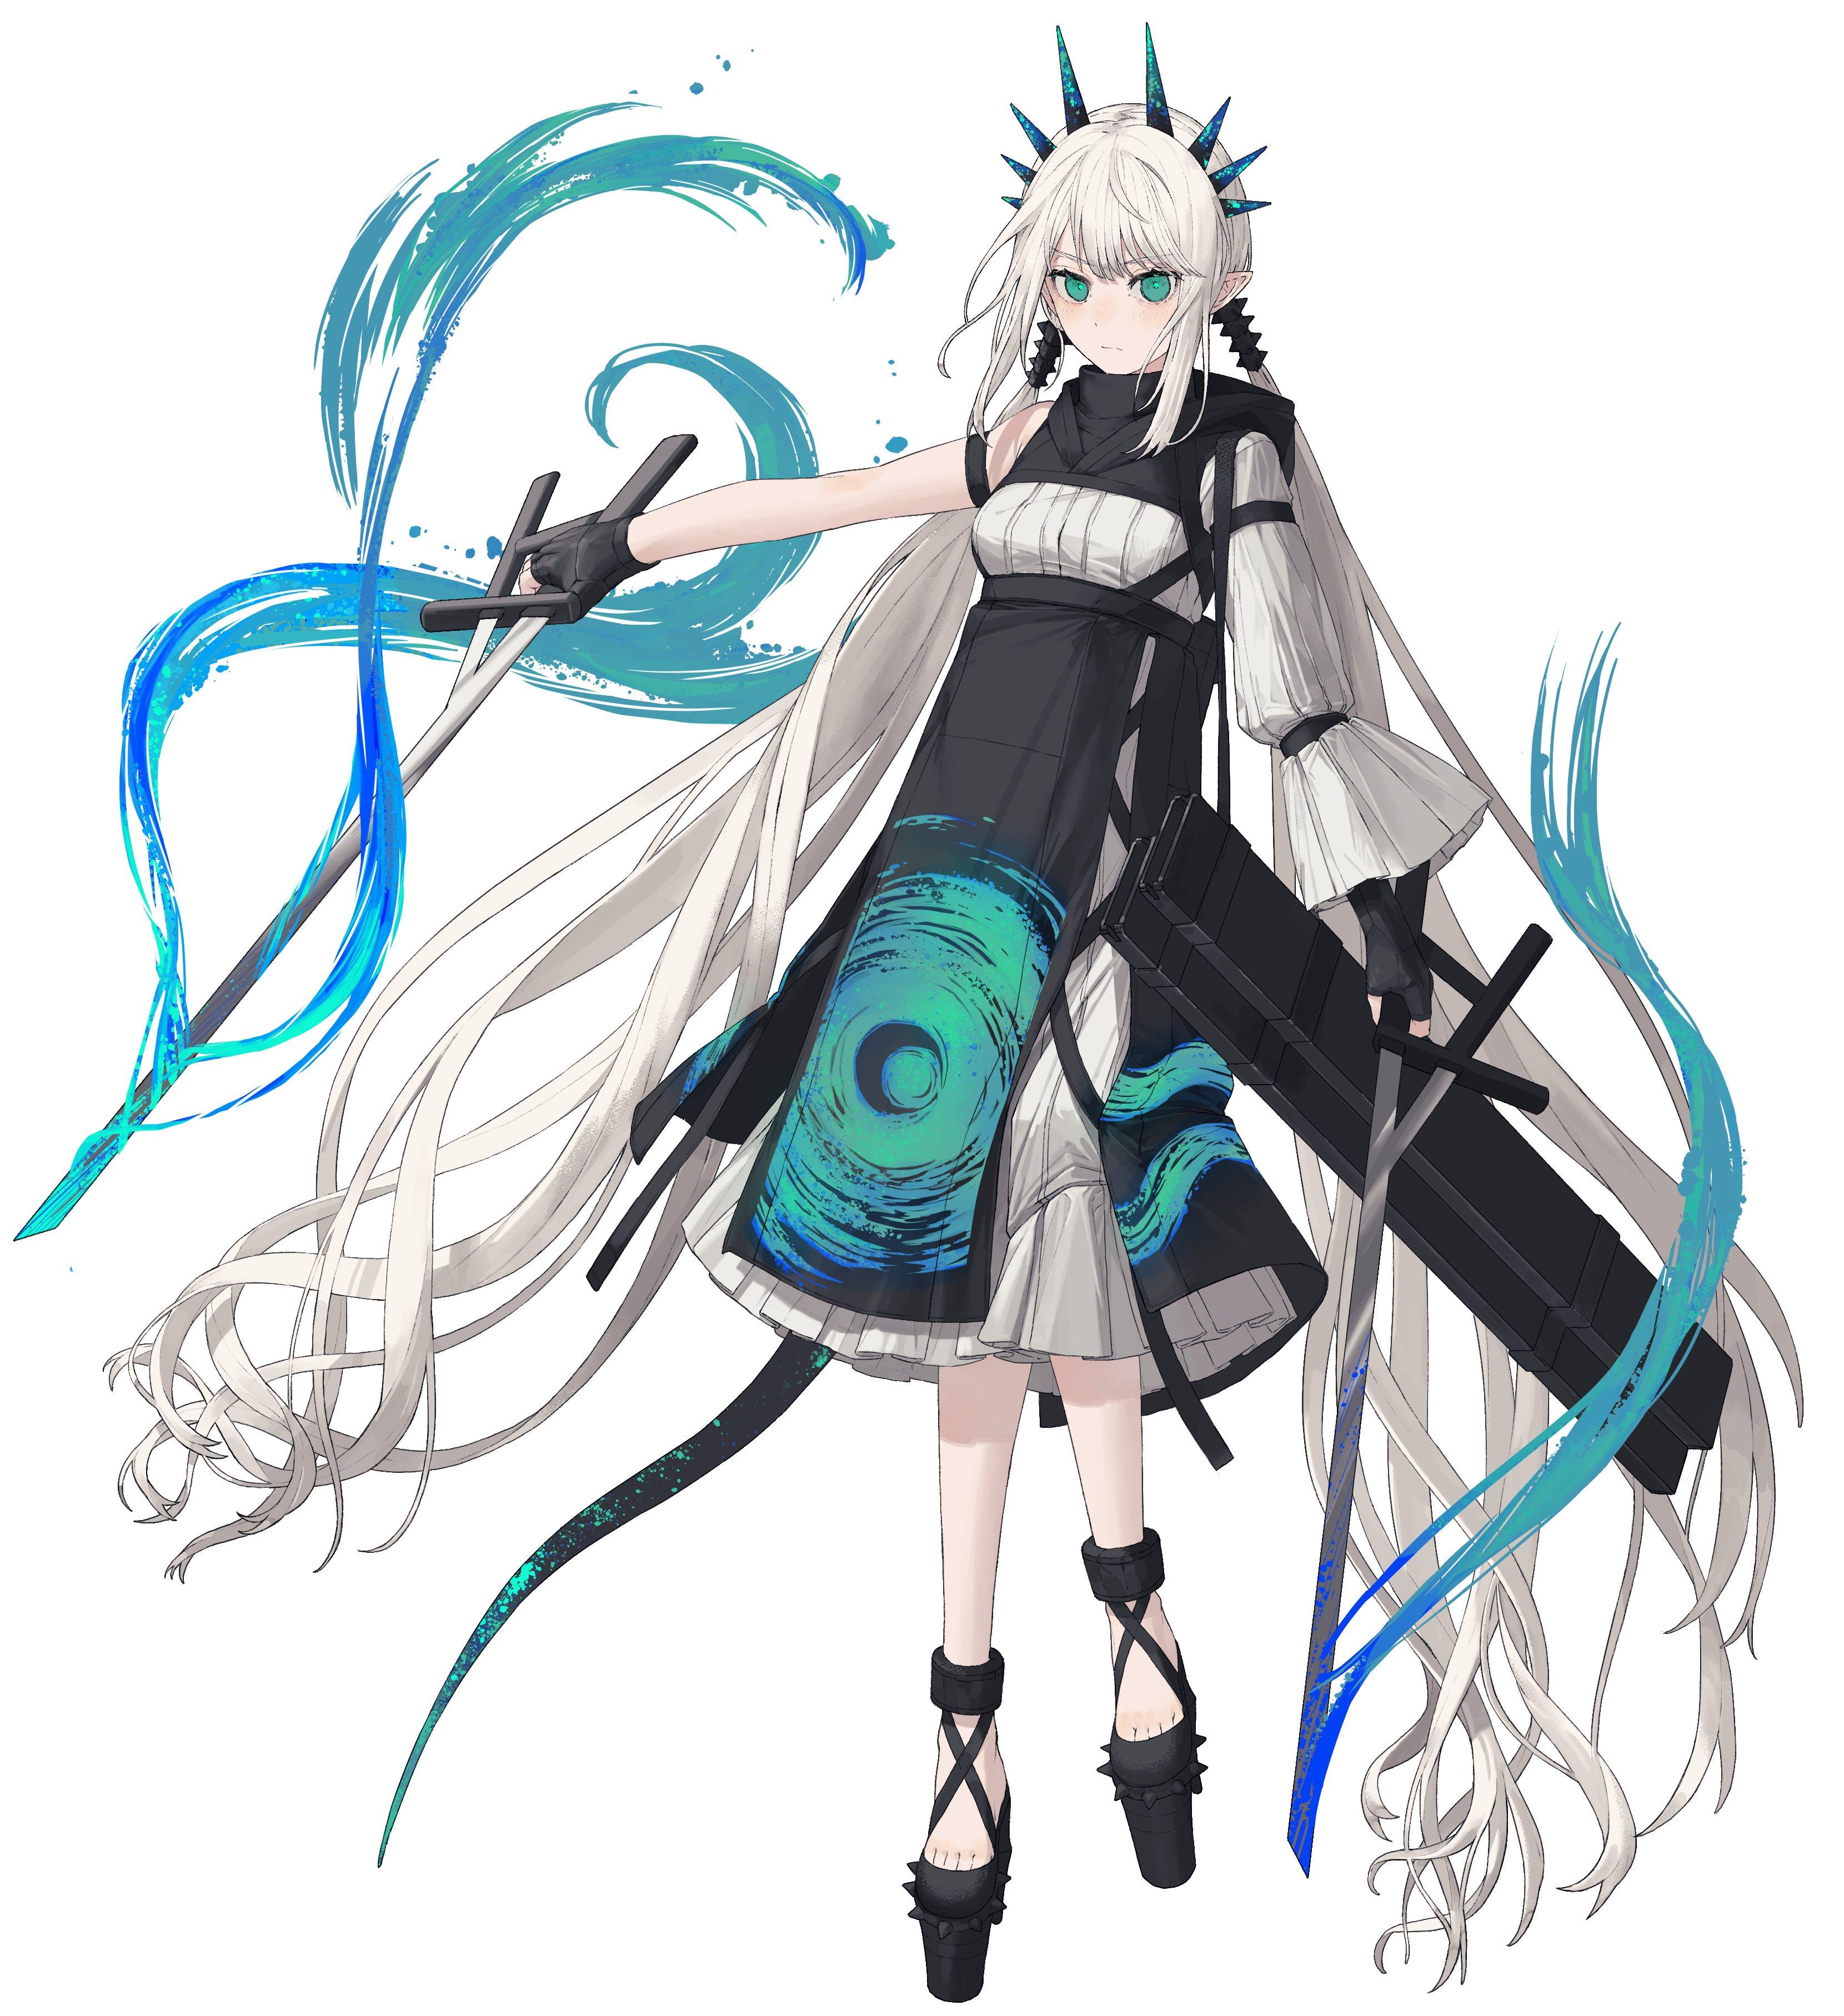 Safebooru - 1girl absurdly long hair arms up bangs belt